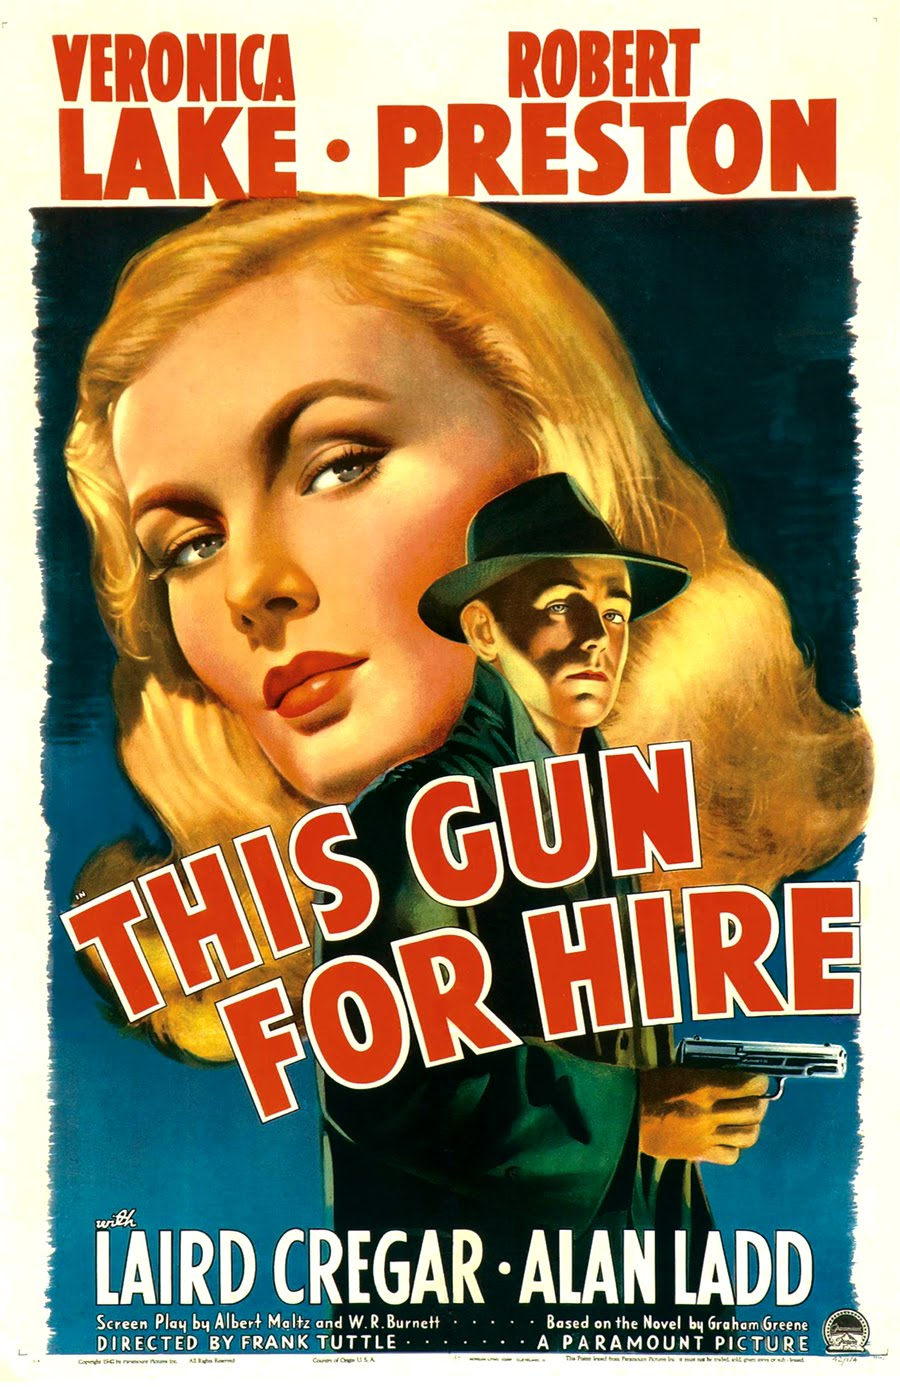 affiche poster film noir cinema 007 102 affiches de films noirs